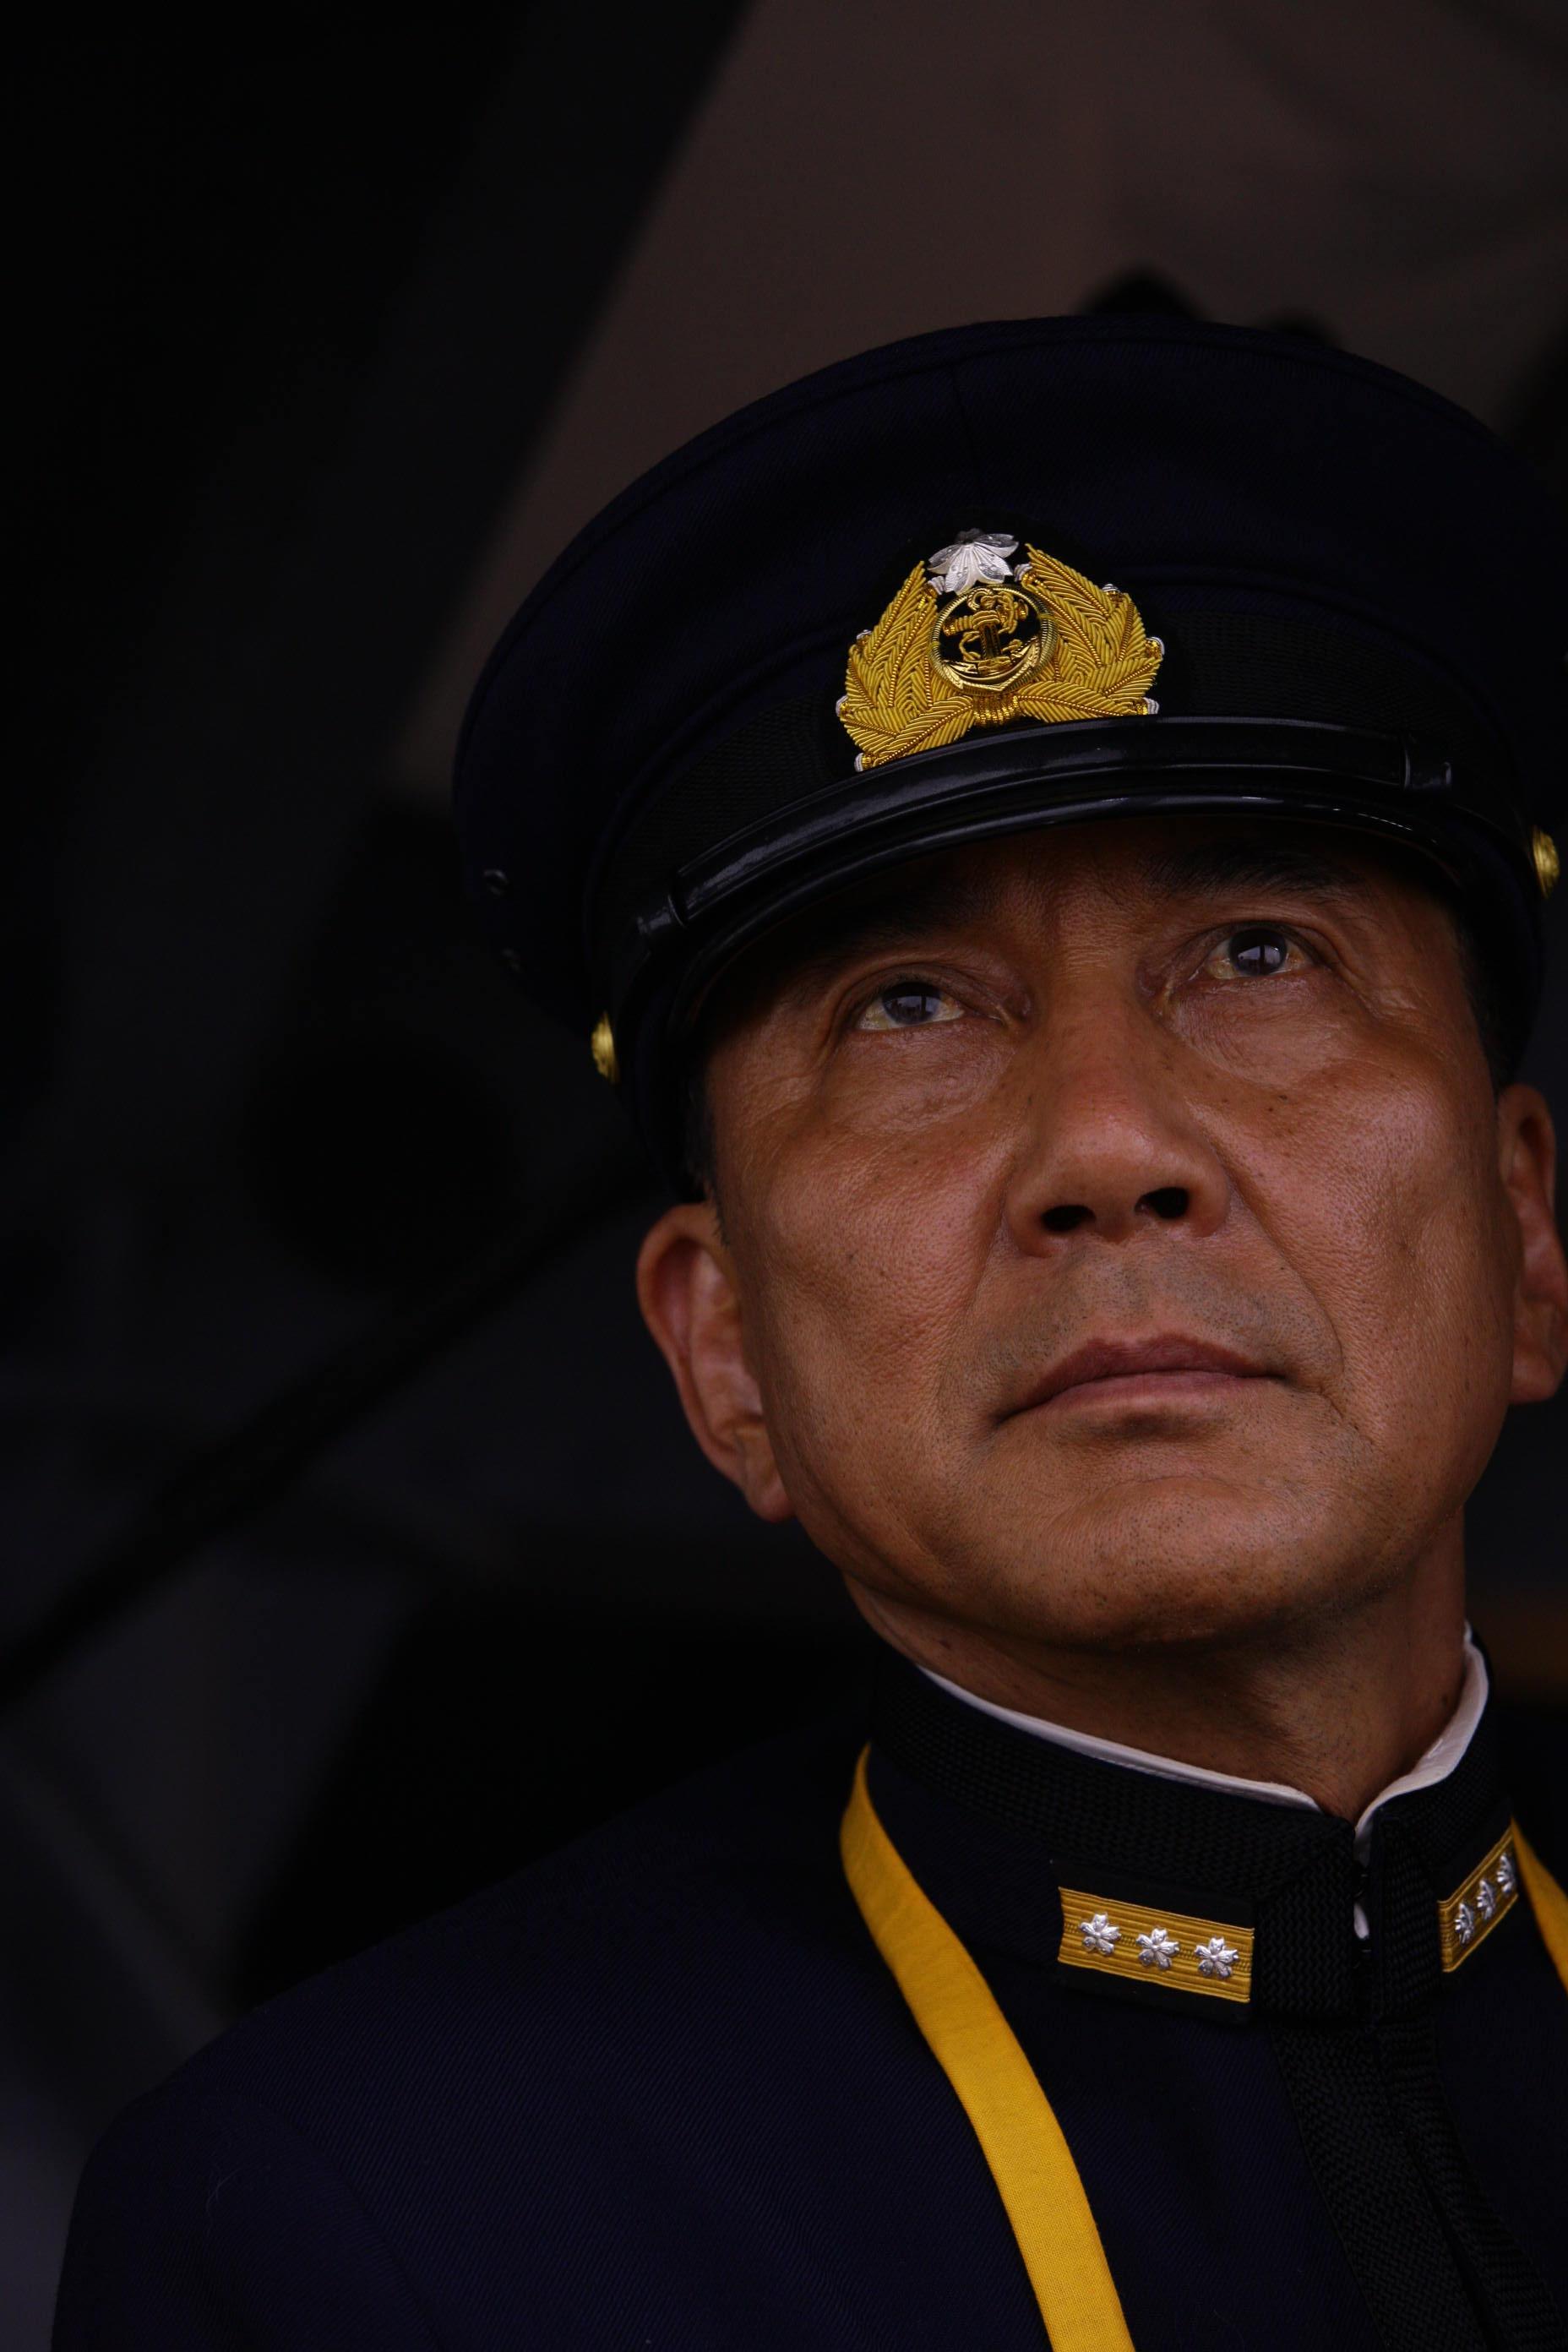 『聯合艦隊司令長官 山本五十六』映画が語る戦争の意味と人のあり方のサムネイル画像